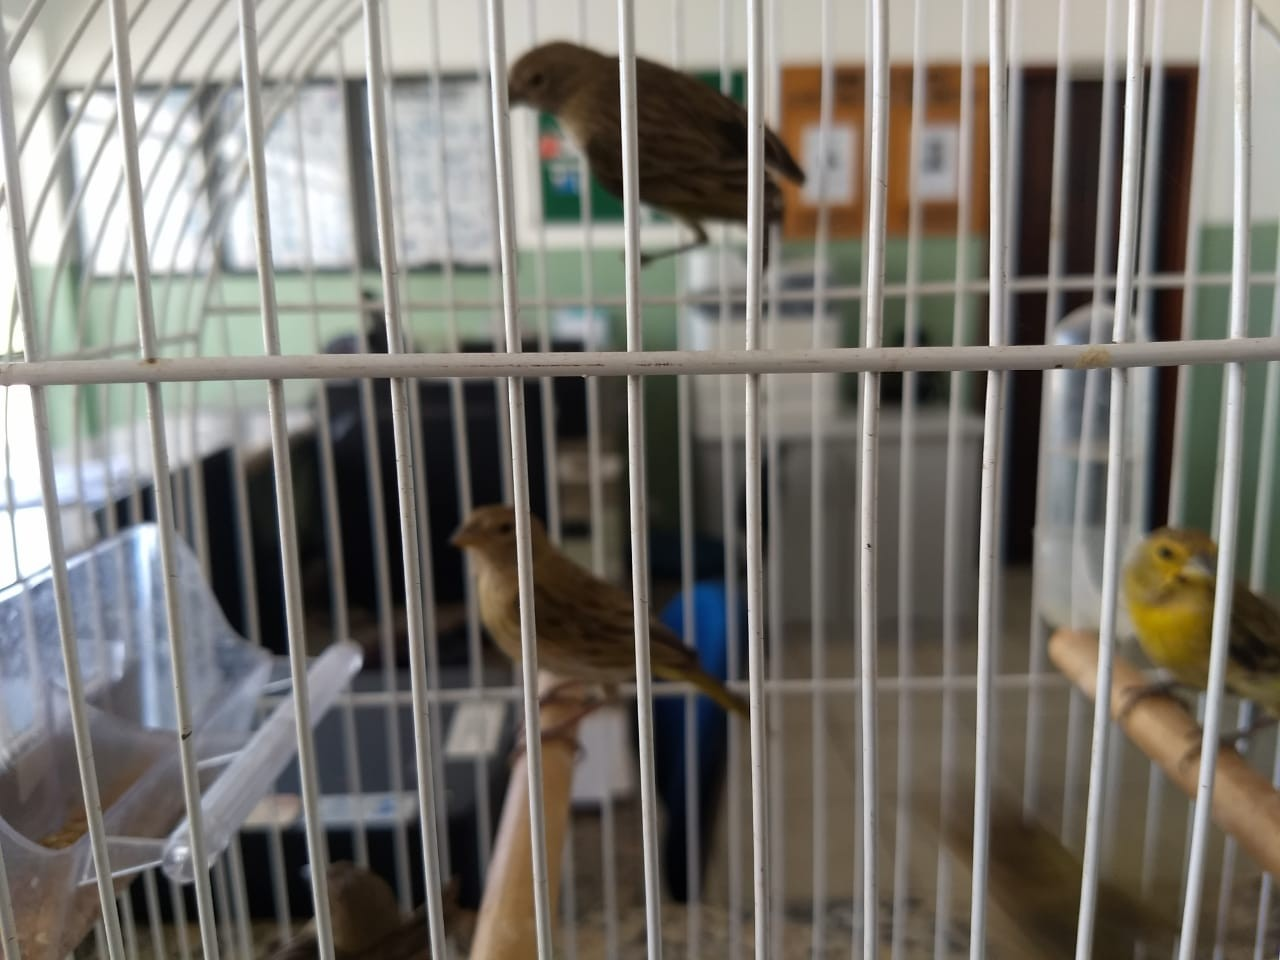 Homem é detido após ser flagrado com pássaros silvestres presos dentro de cano - Notícias - Plantão Diário